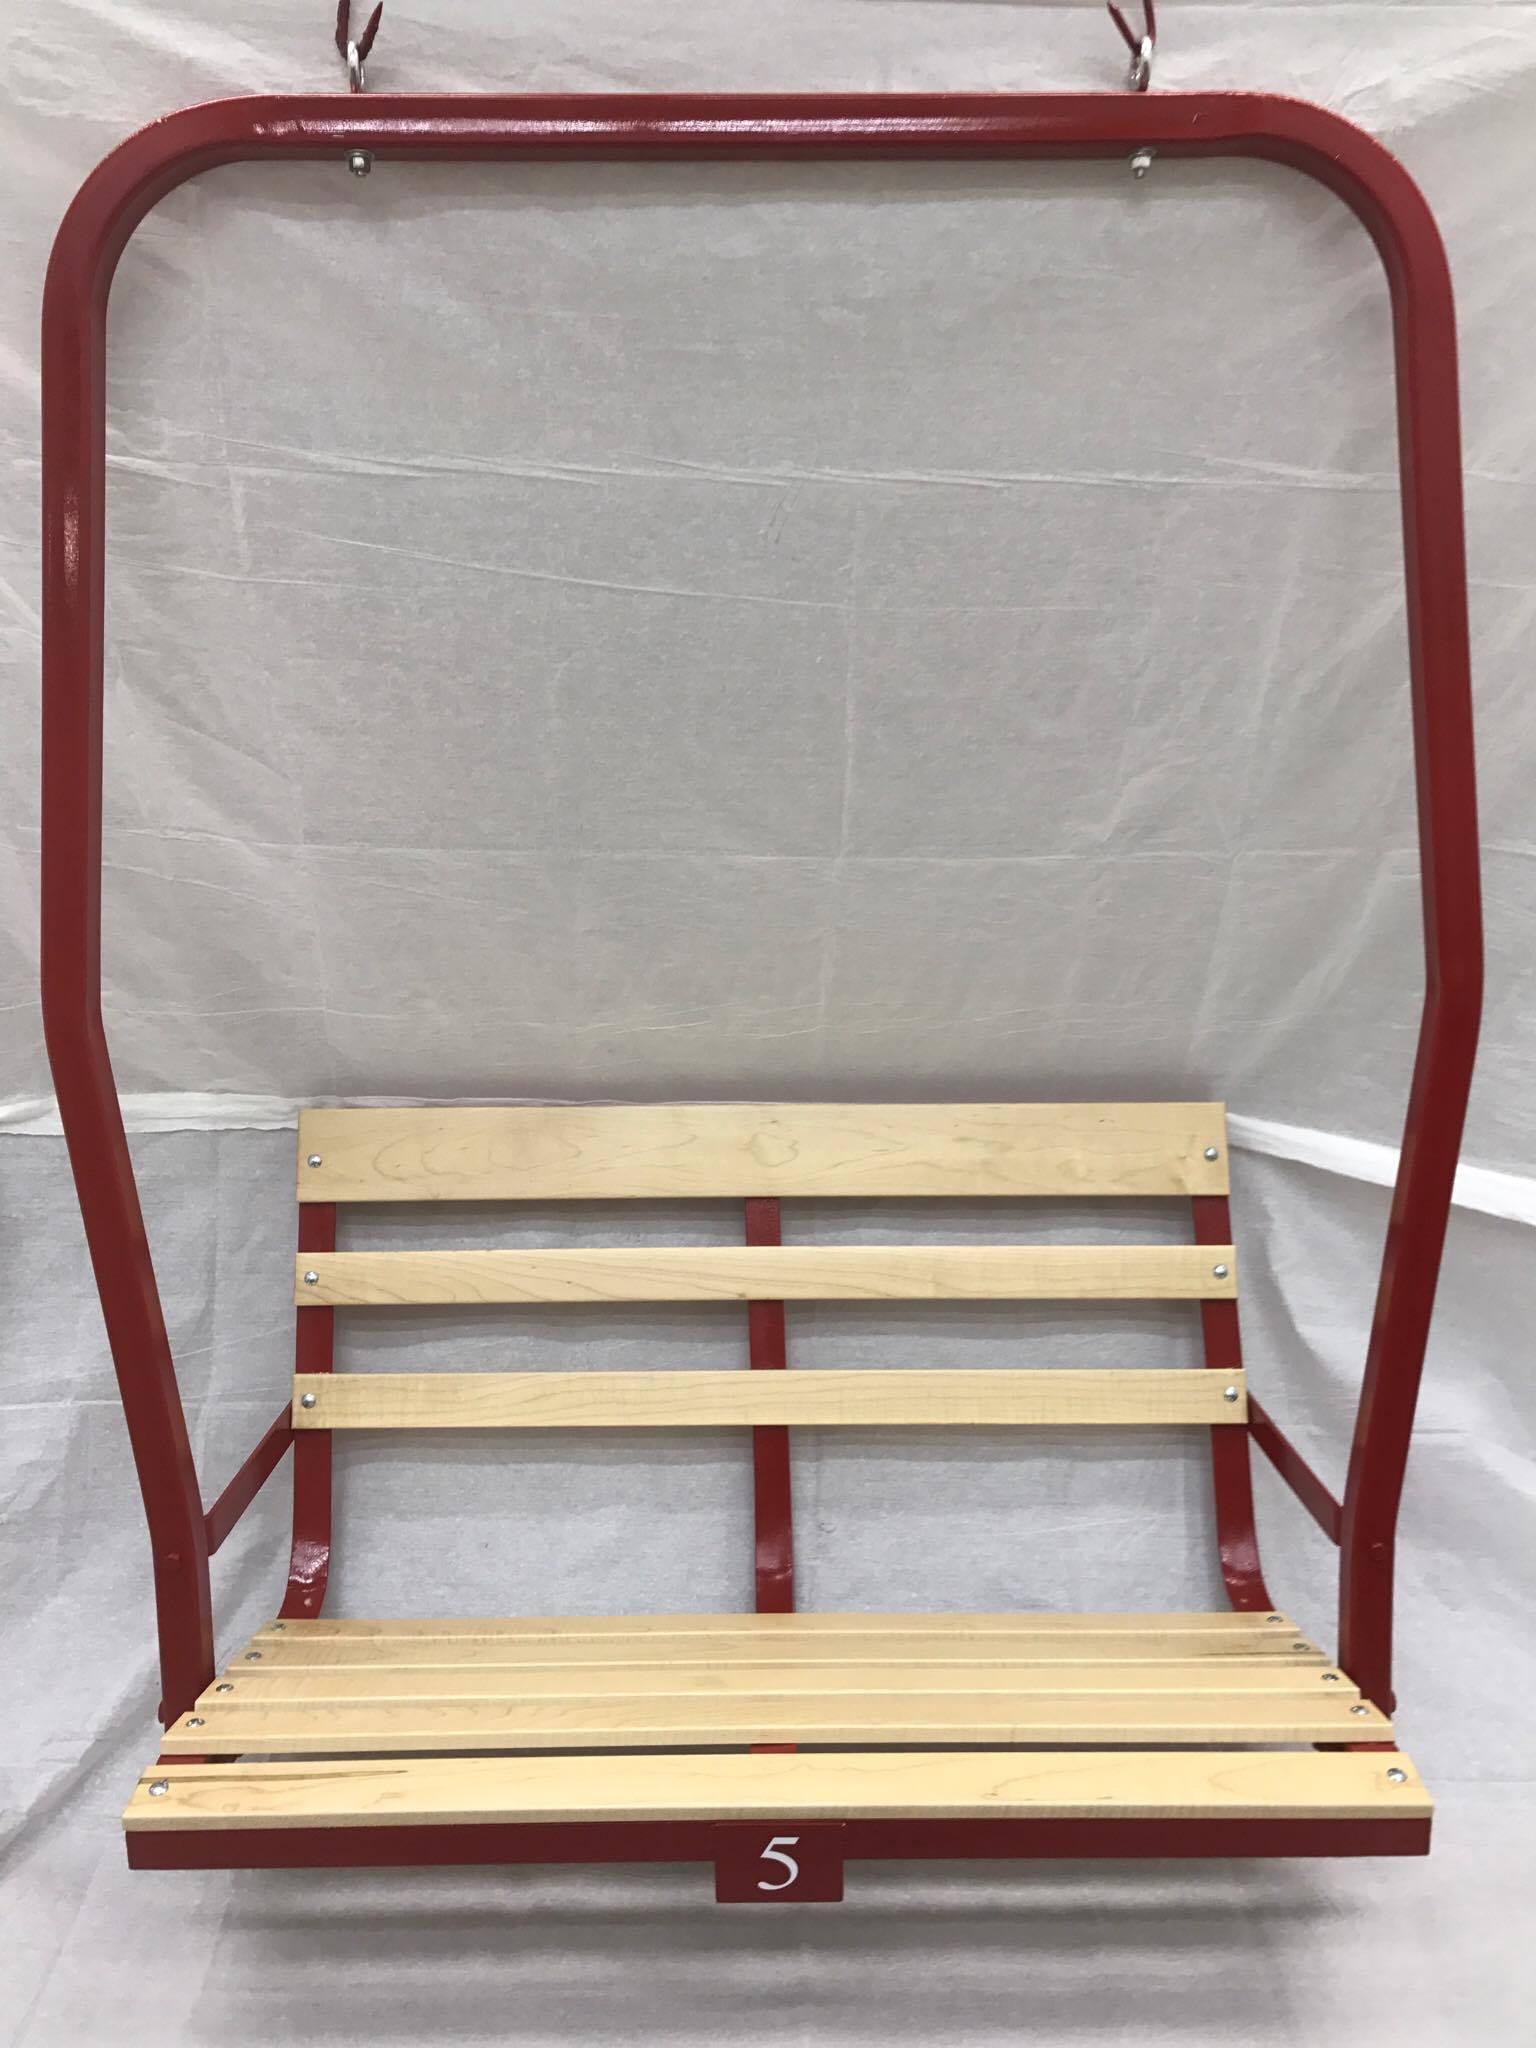 18742500_878787132407_1679583540_o & Ski Chairlift Swing - Custom Hand Made to Order - SkiChairLift.com